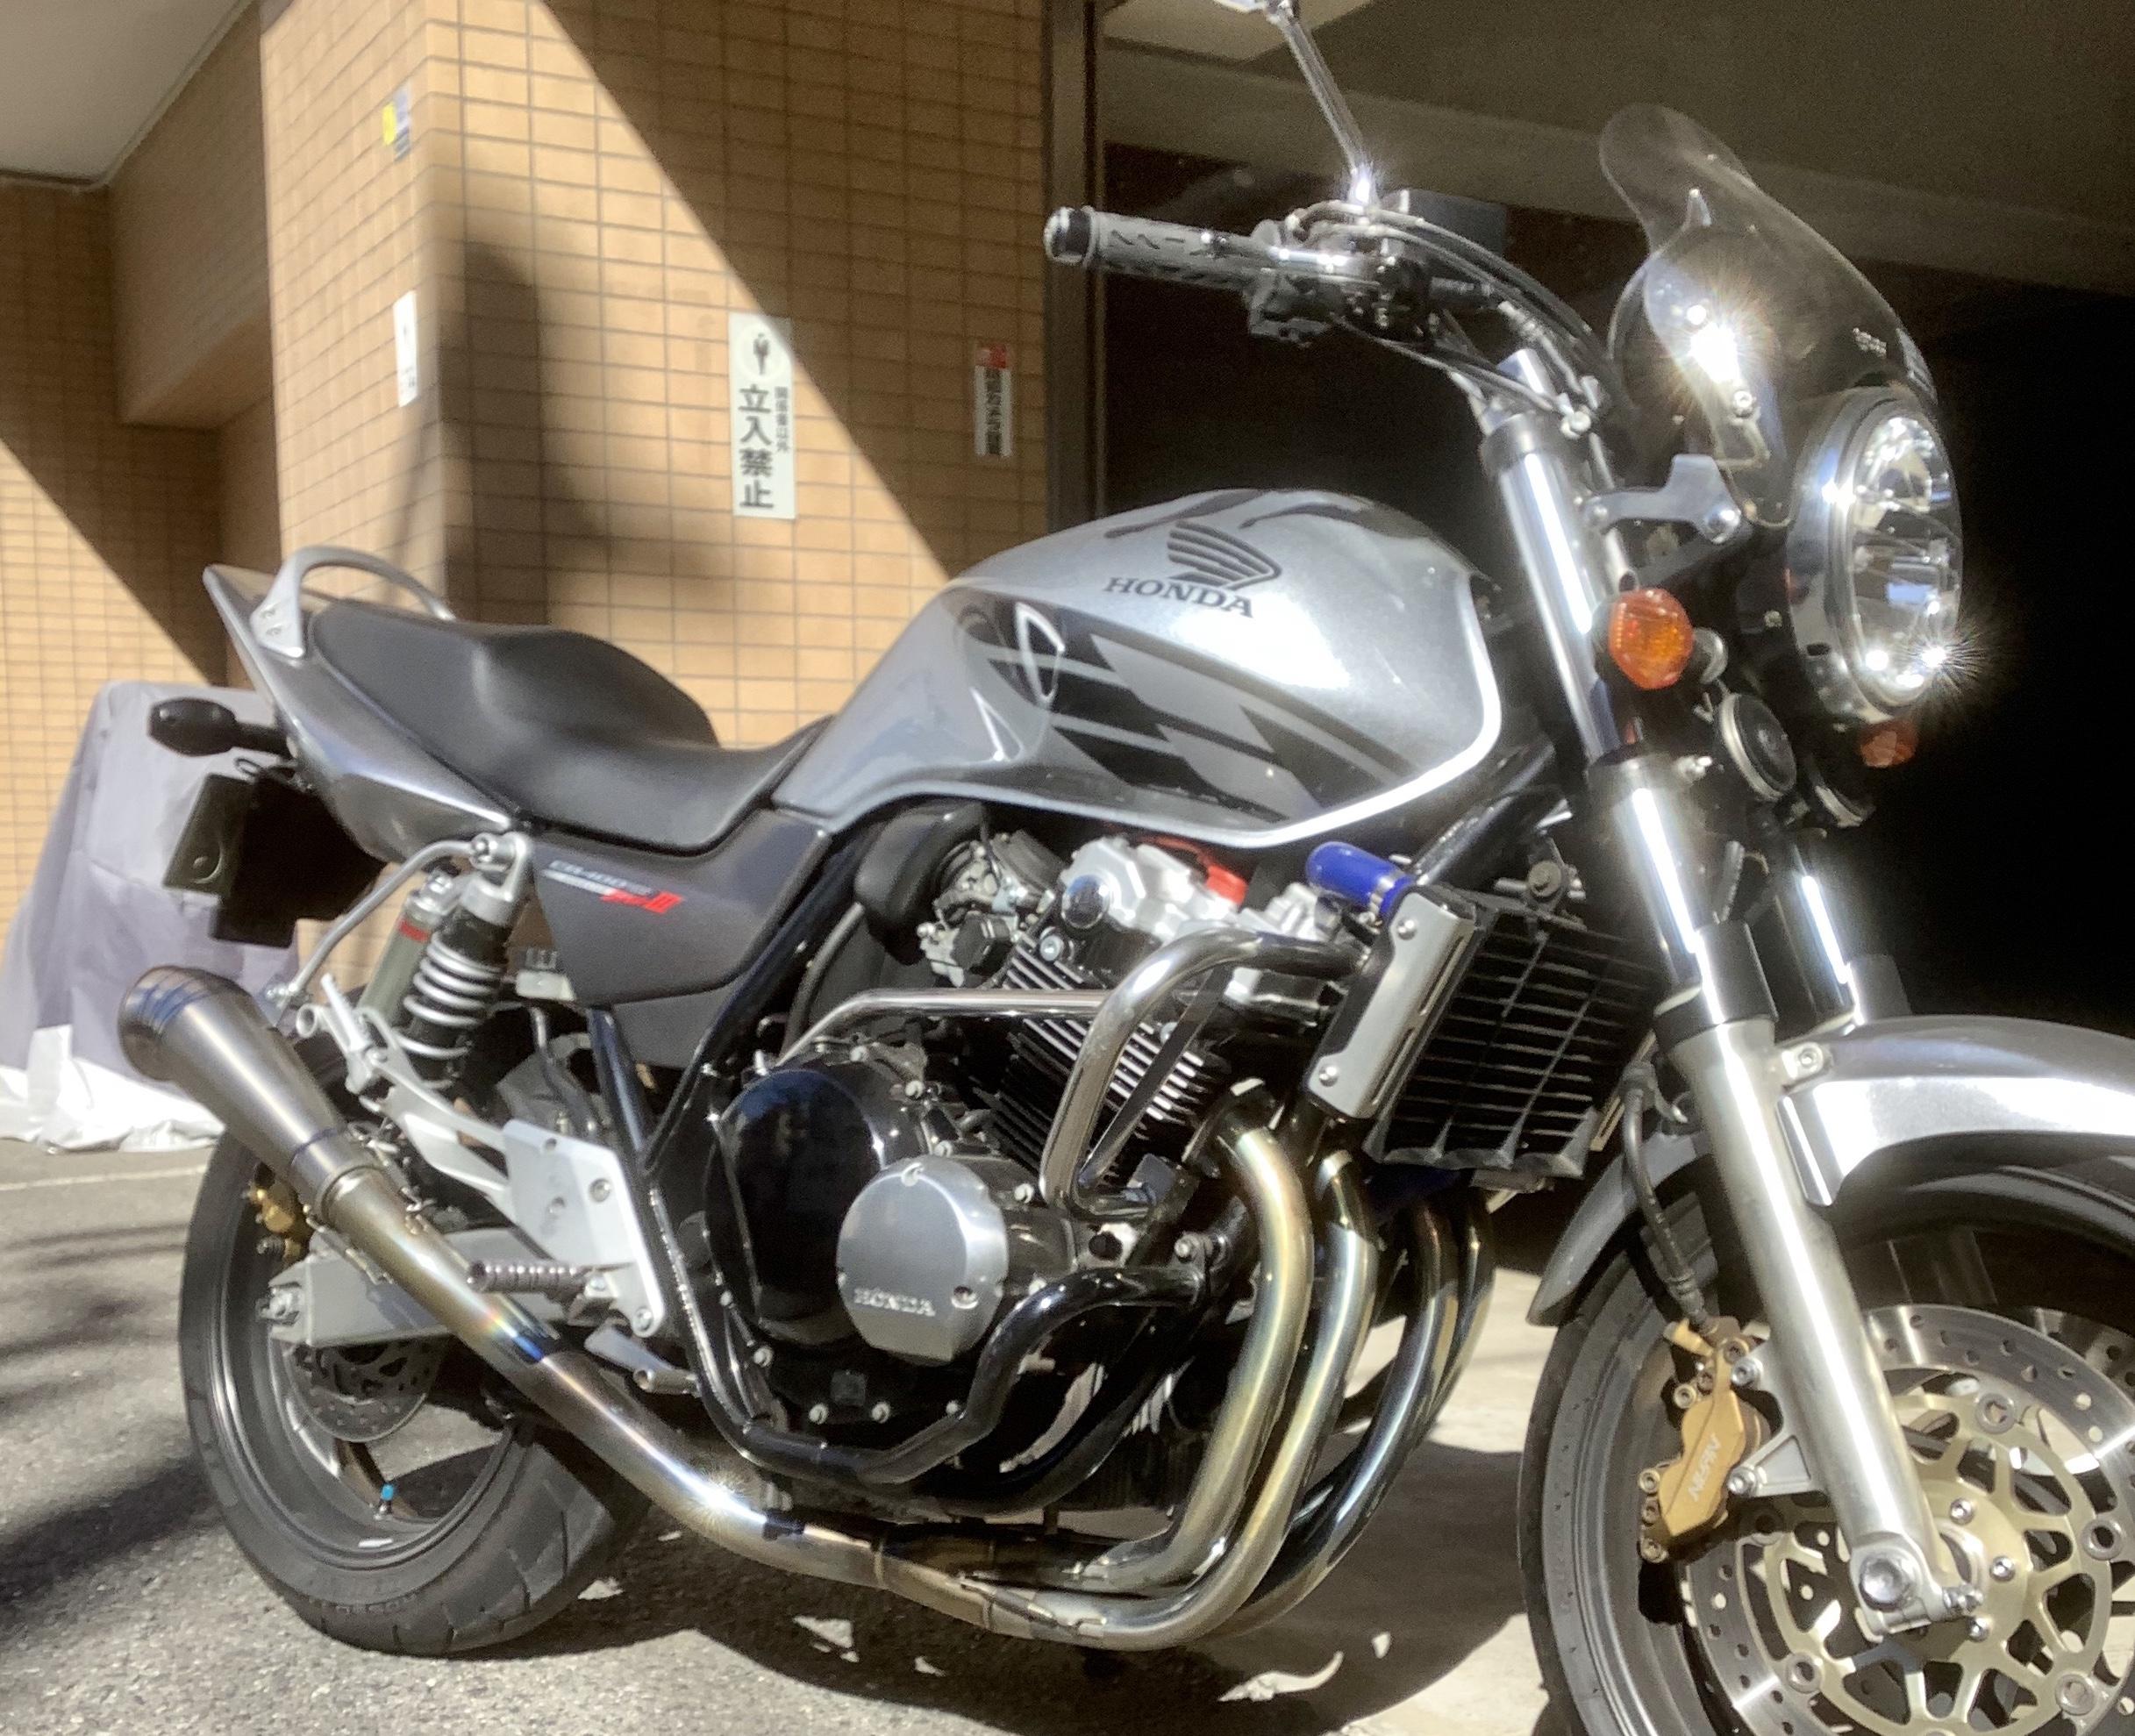 CB400V-tec3カスタム(HN-00) - 【公式】レンタルバイクのベストBike® 六本木駅前